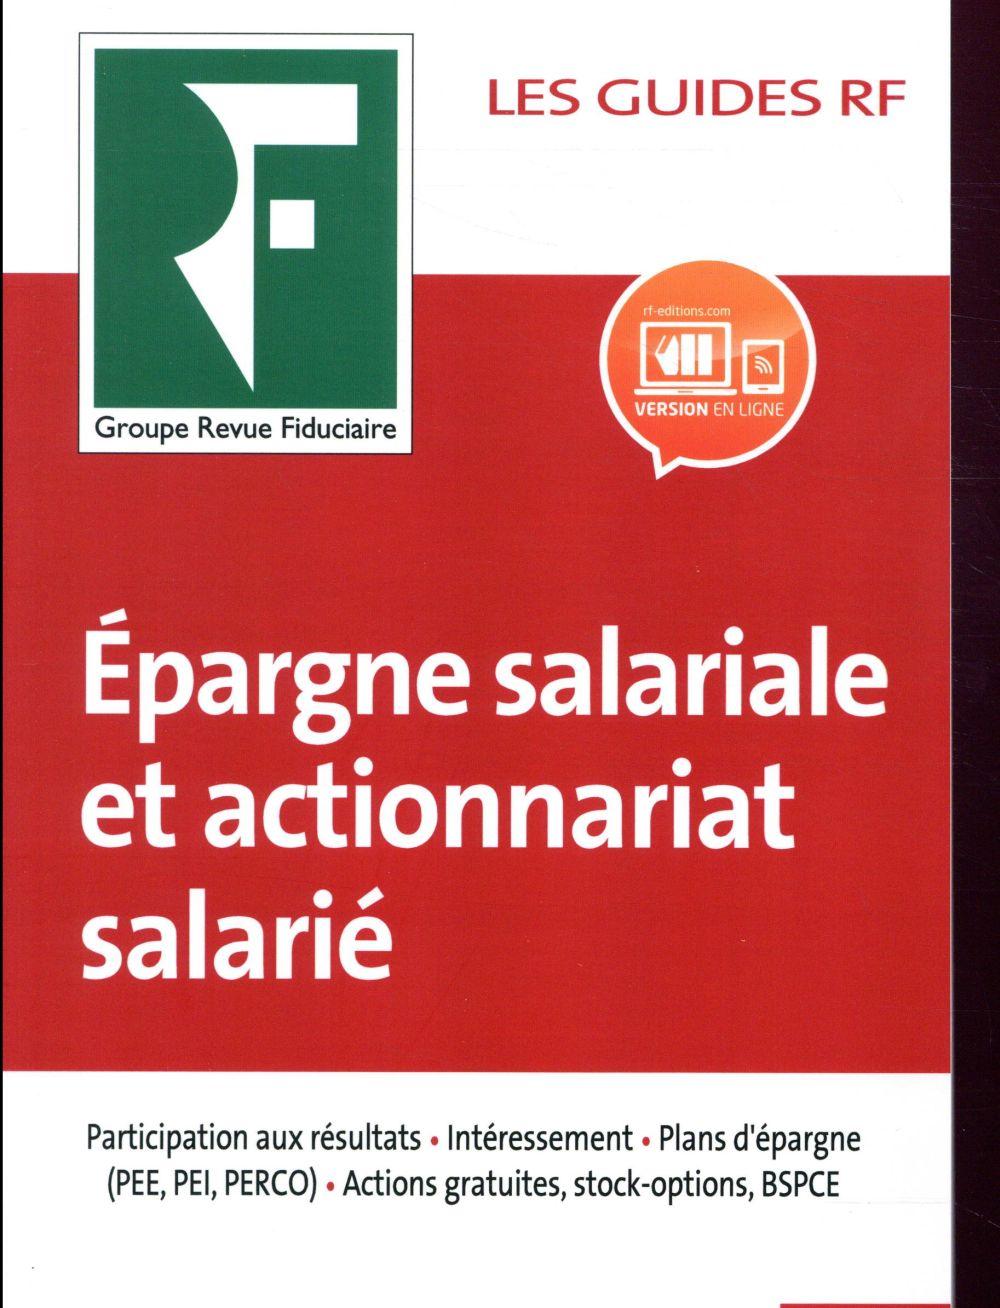 Les guides RF ; épargne salariale et actionnariat salarié